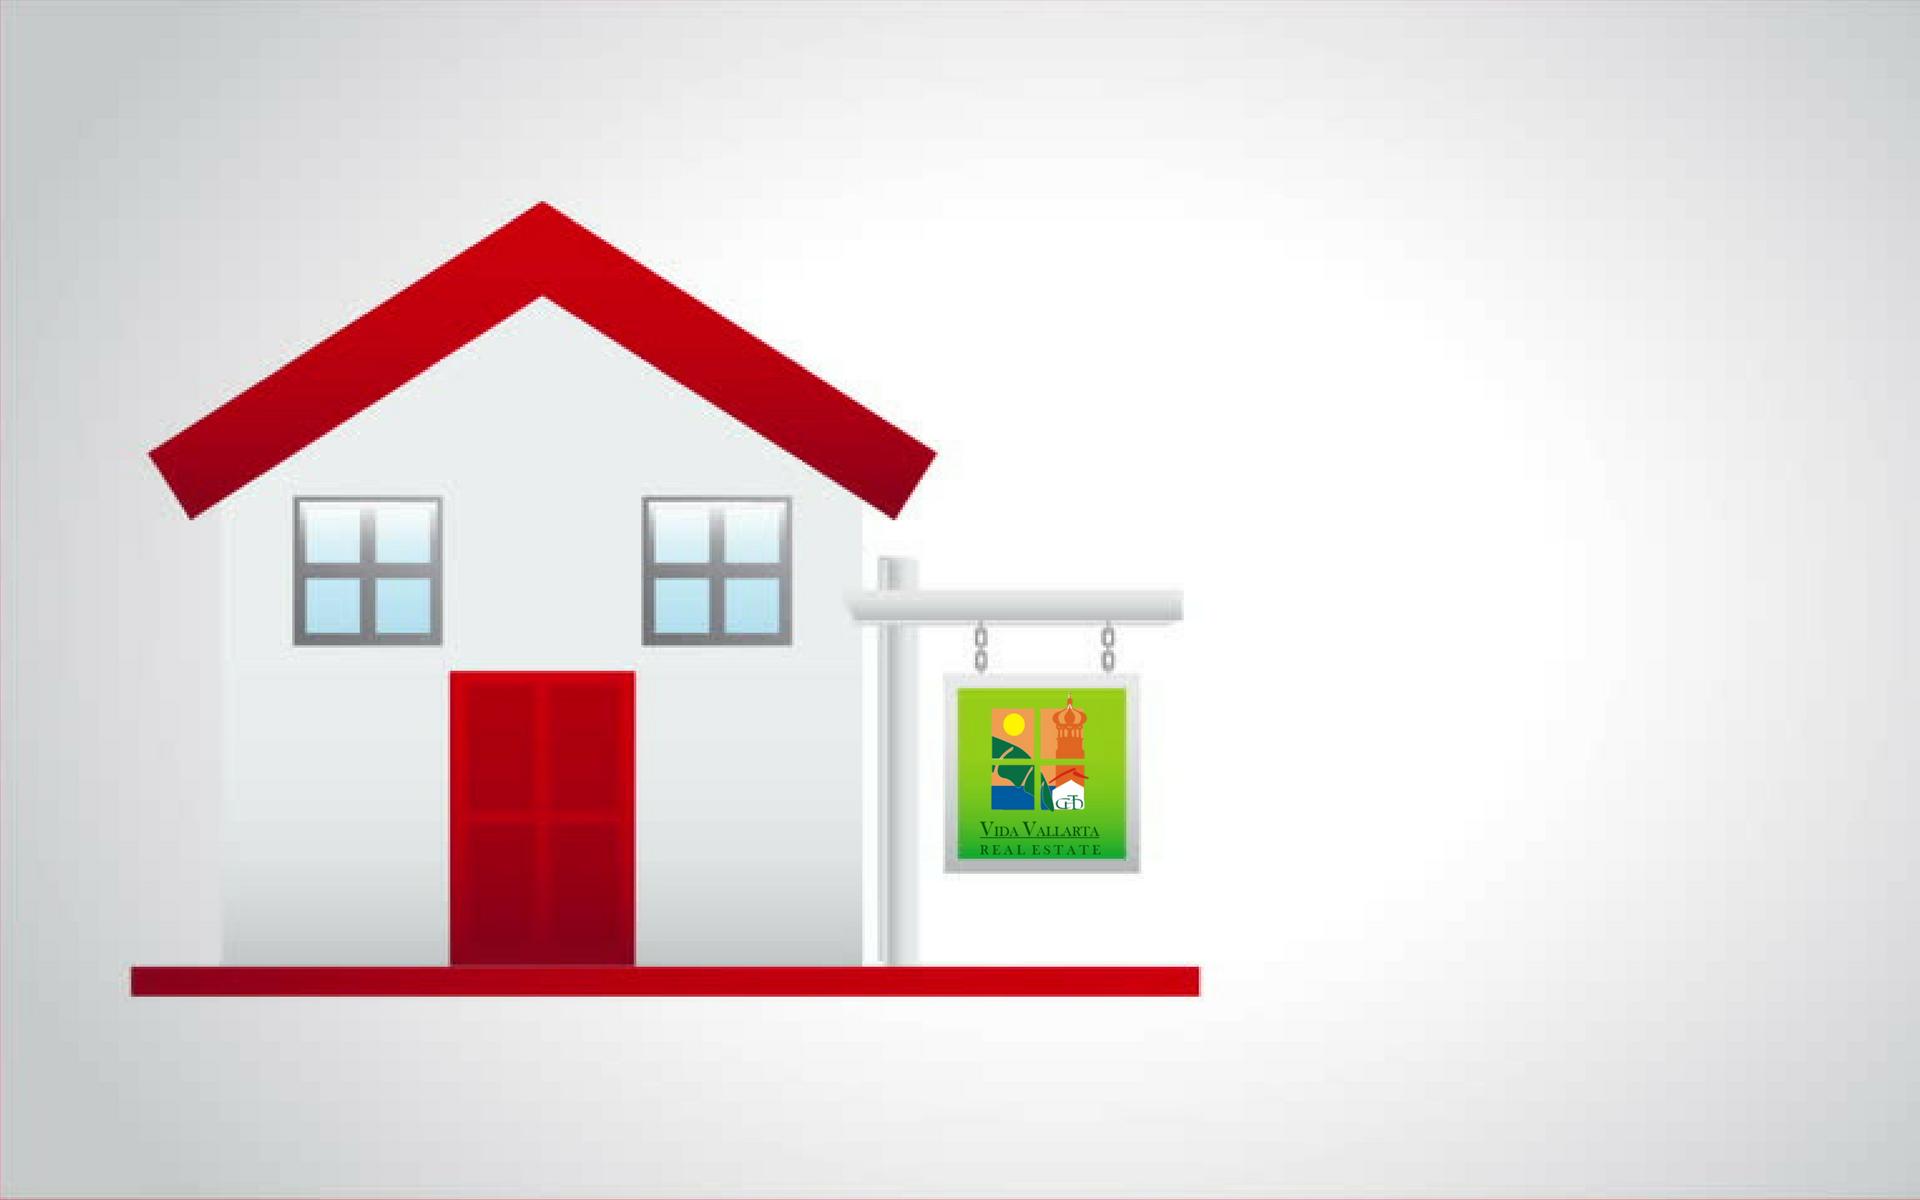 El ABC para invertir en bienes raíces - Vida Vallarta Real Estate